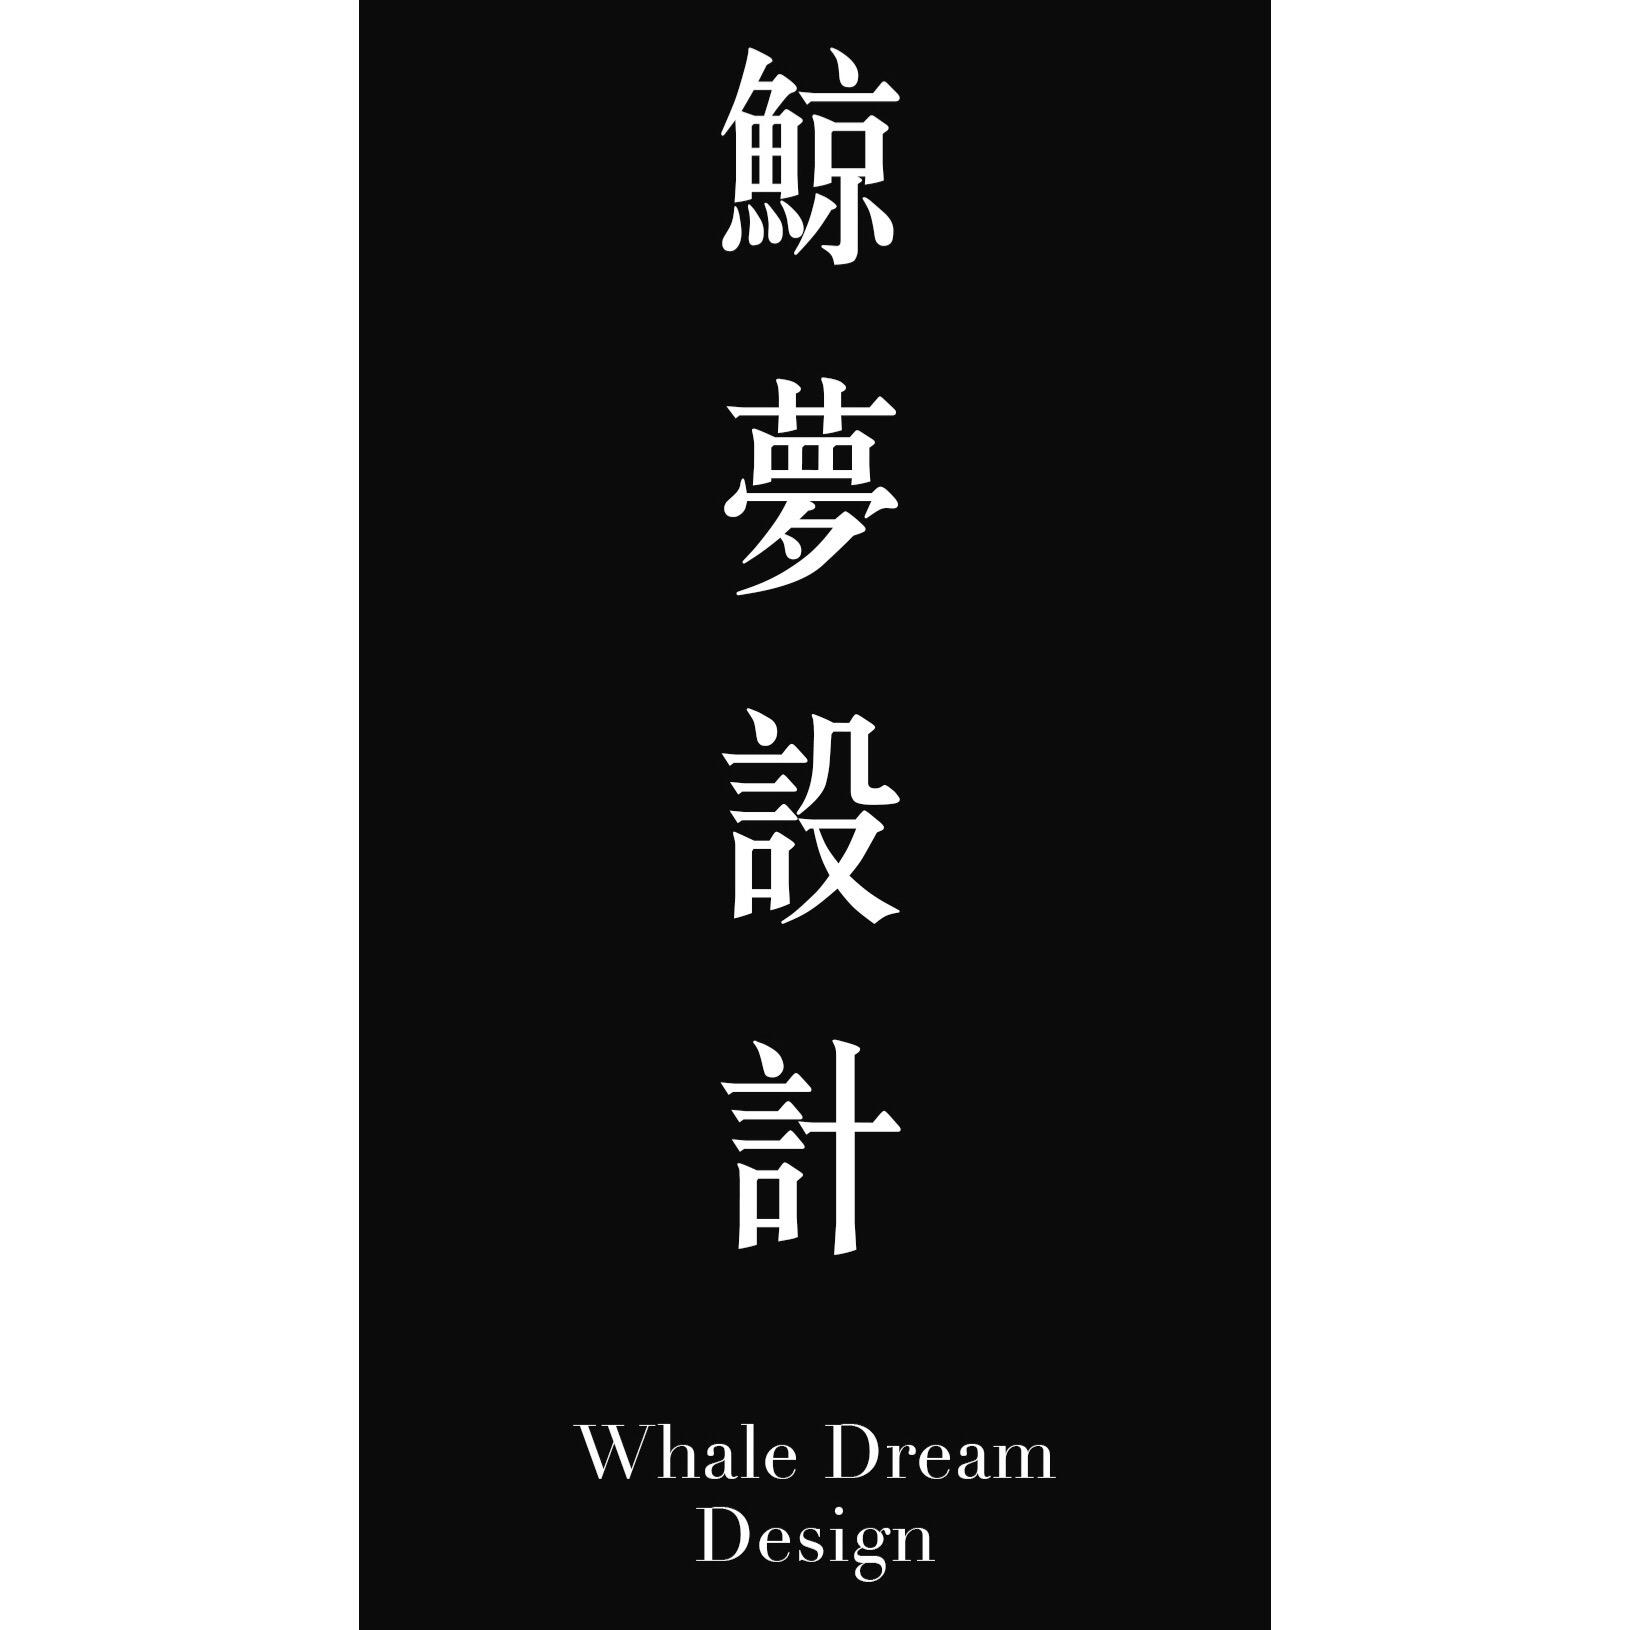 无锡鲸梦装饰设计工程有限公司 - 无锡装修公司